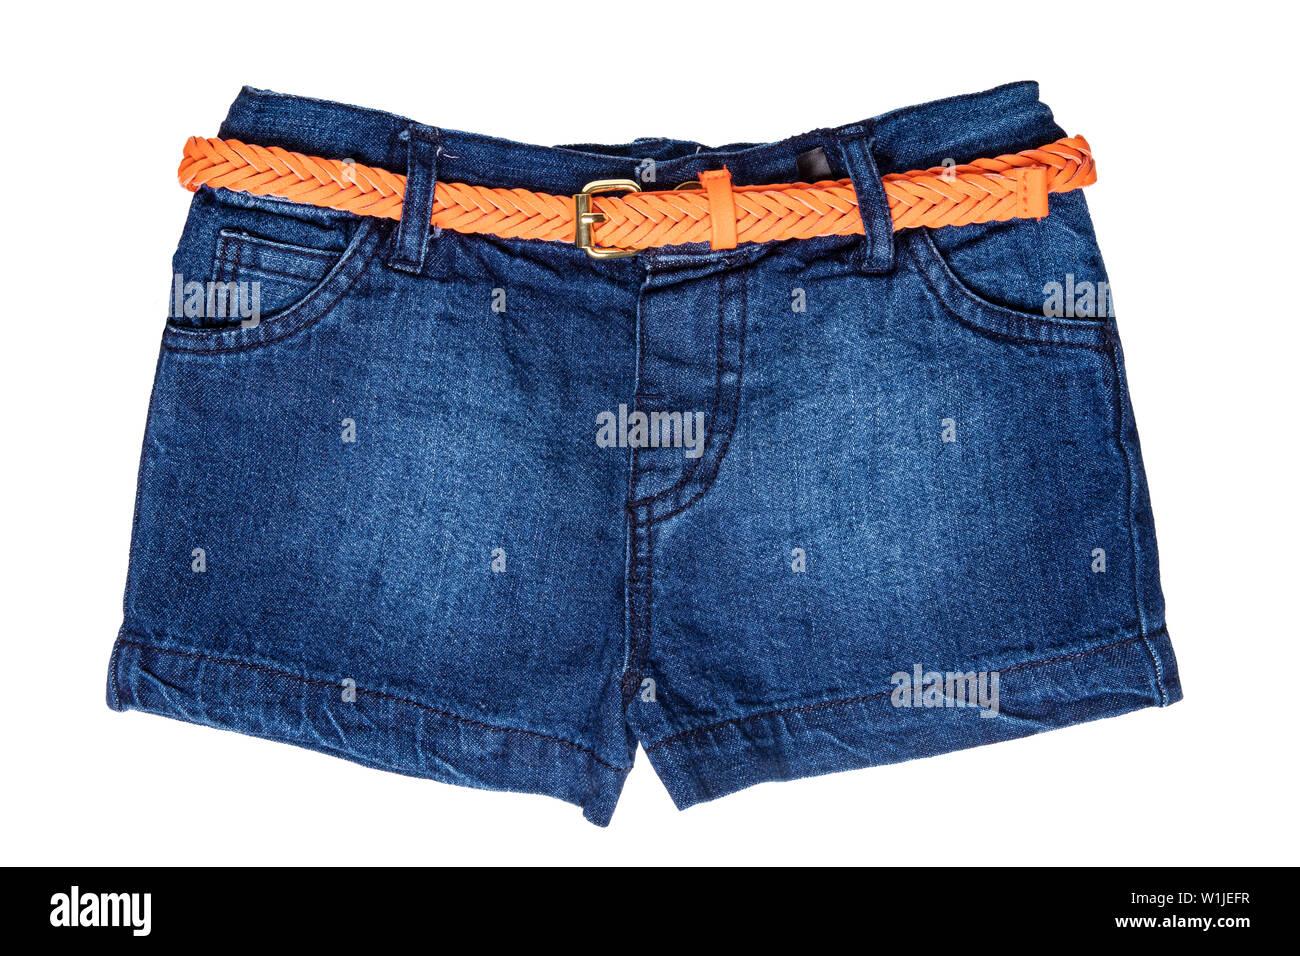 639d816df743d3 Jeans corti isolate. Elegante alla moda breve pantaloni jeans con orange  cintura in cuoio per